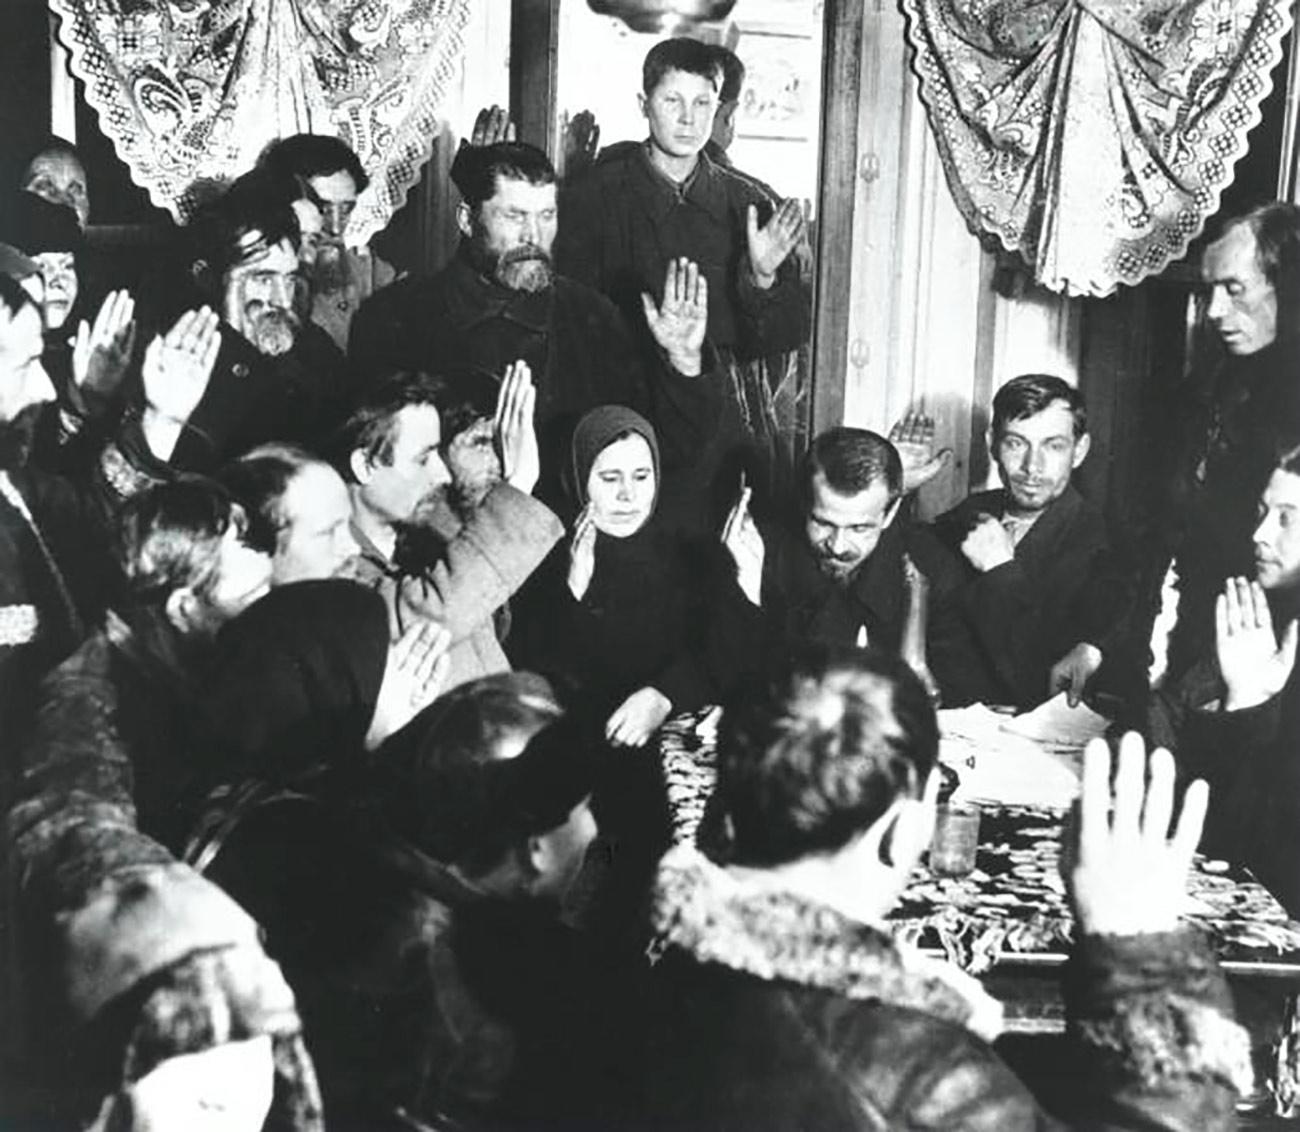 """La collettivizzazione divenne un processo su grande scala nel 1929, quando fu pubblicato l'articolo di Stalin """"L'anno della grande svolta"""". Stalin confermò i processi di collettivizzazione e industrializzazione come mezzo principale per modernizzare il Paese. Allo stesso tempo, dichiarò che era necessario liquidare la classe di contadini ricchi, noti come """"kulakì"""" (alla lettera: """"pugni"""" in russo)"""